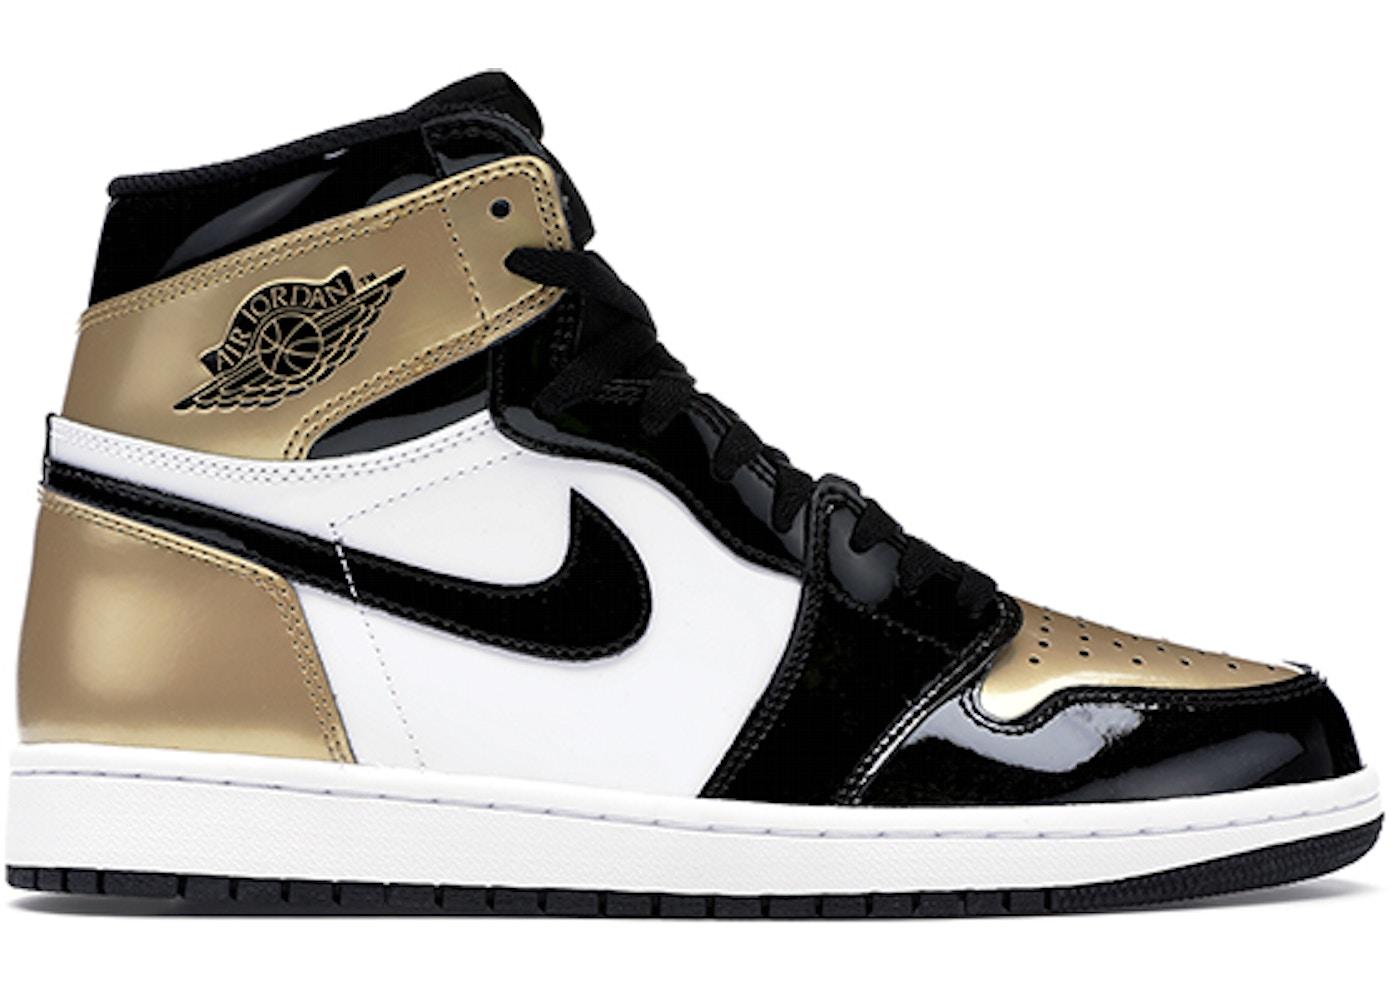 6e222fe0fb6 Jordan 1 Retro High NRG Patent Gold Toe - 861428-007